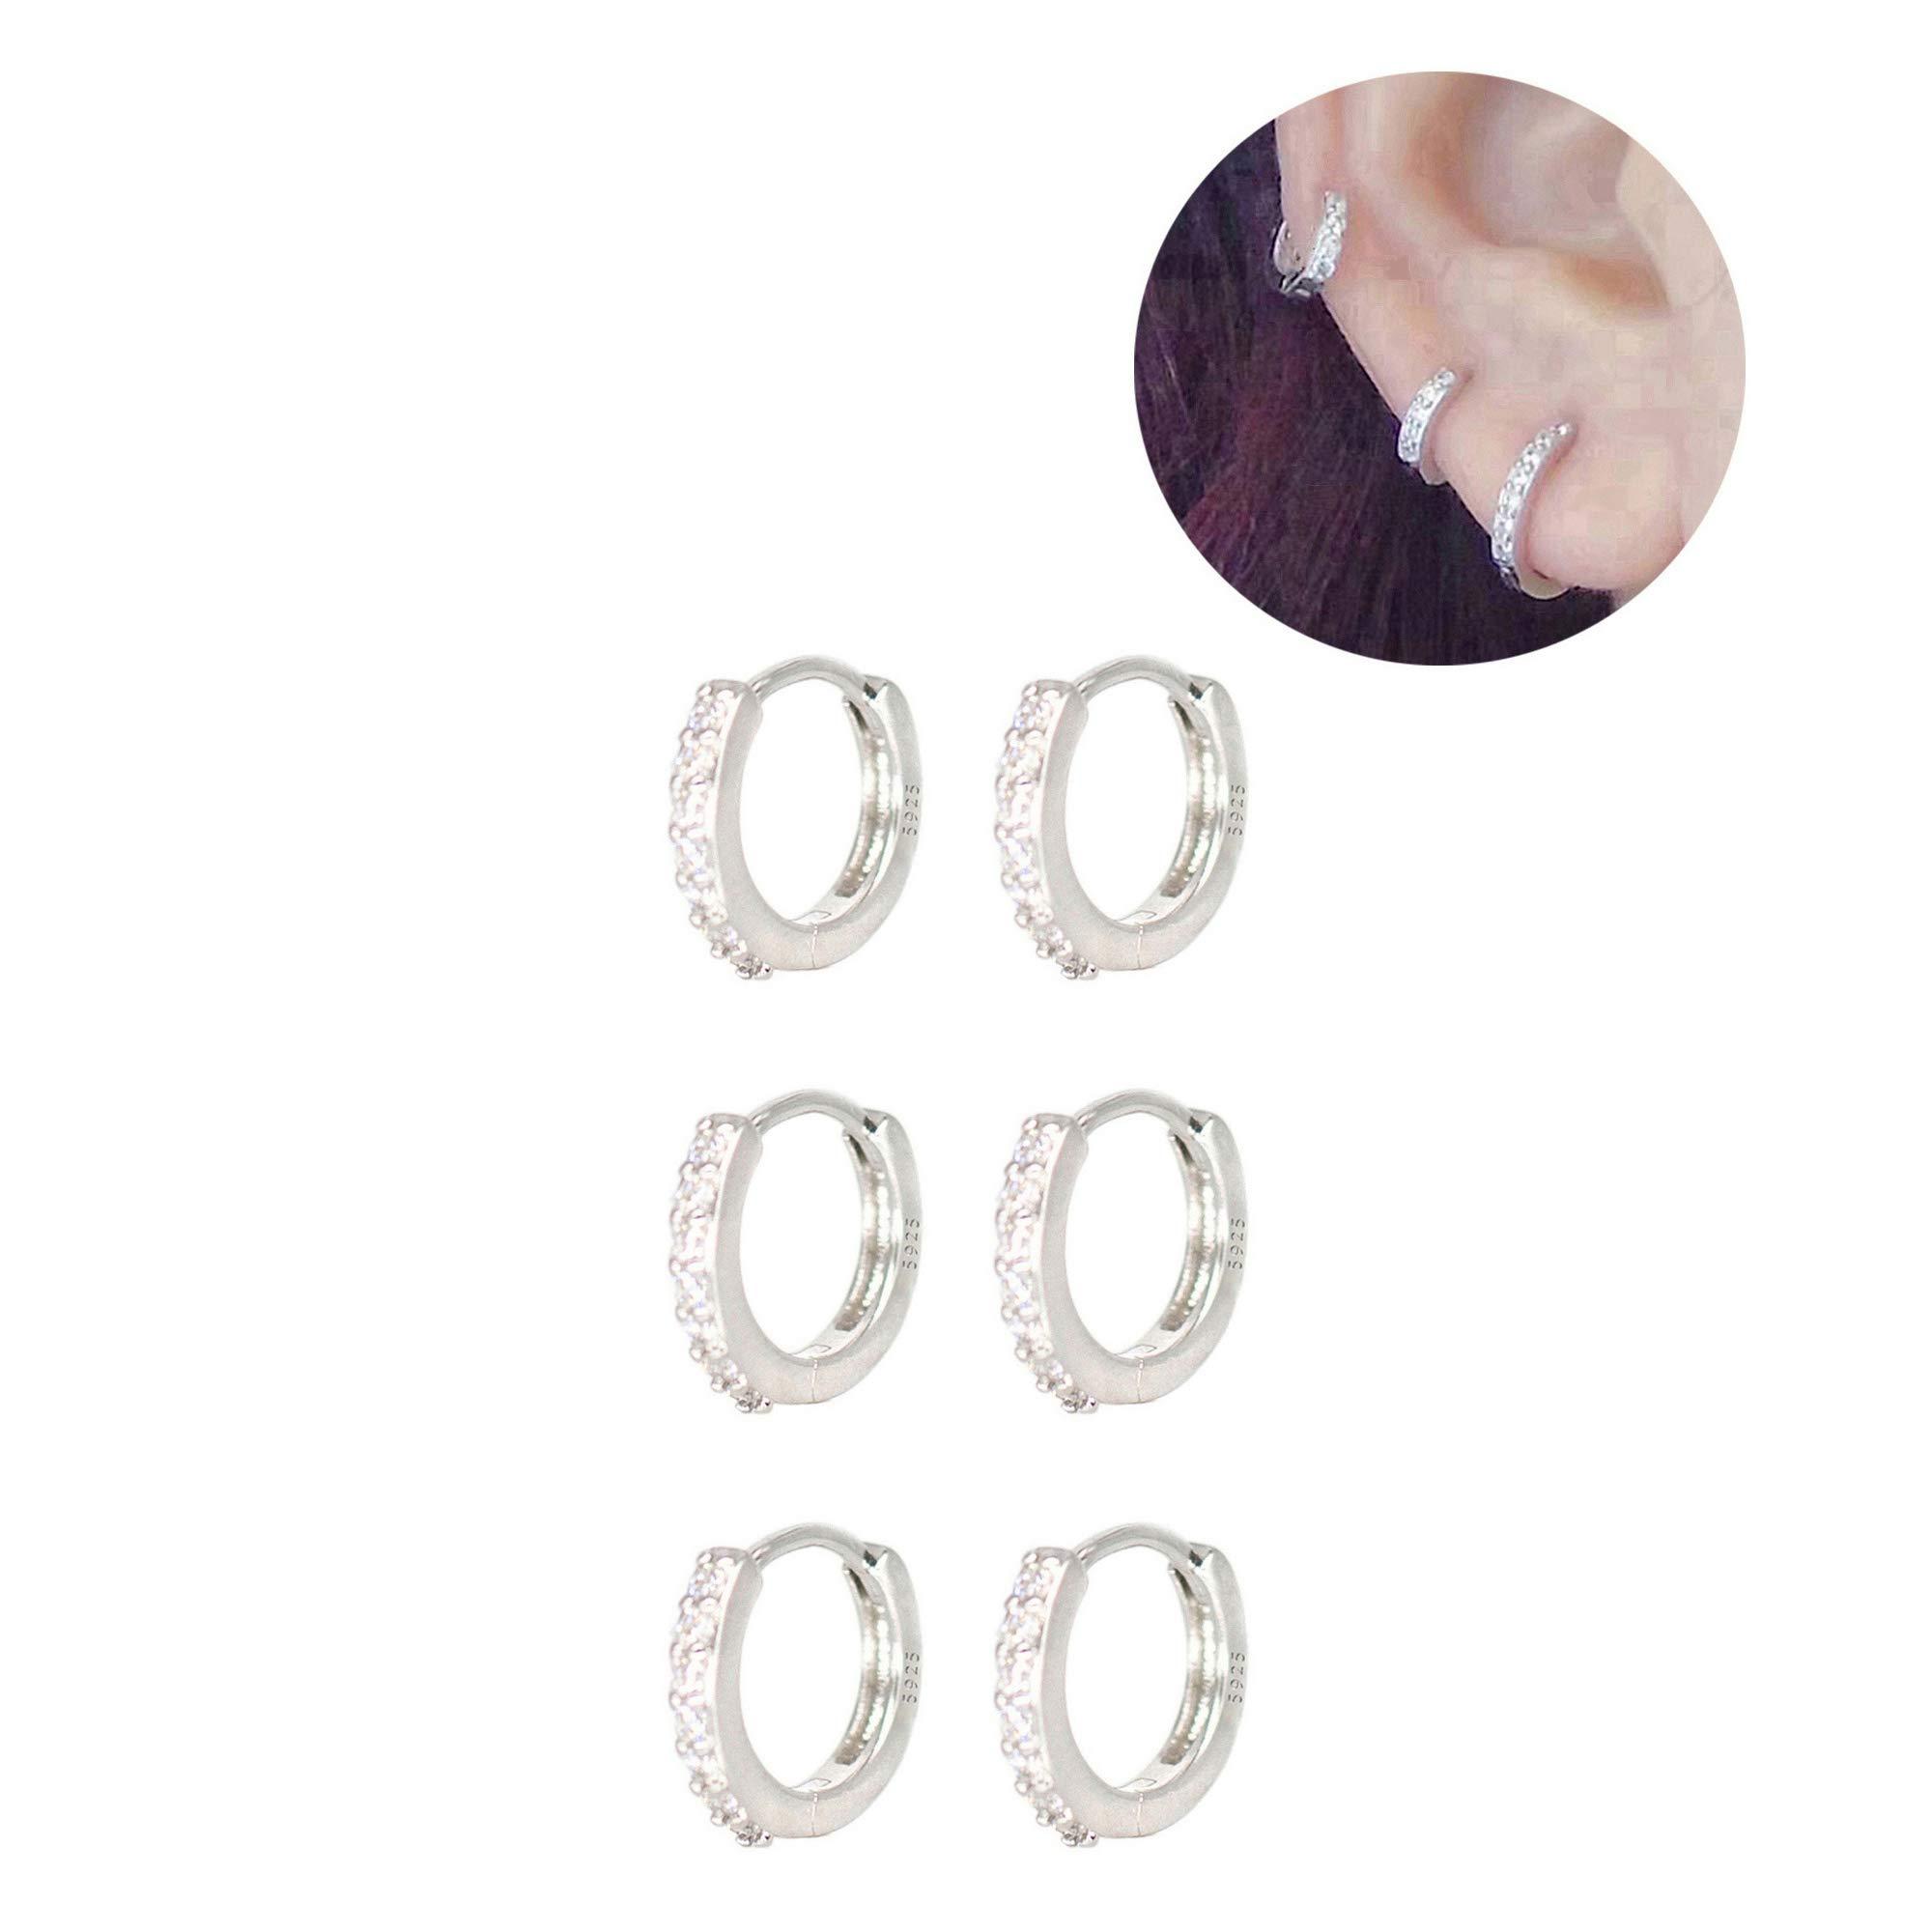 XLSFPY Sterling Earrings Cartilage Zirconia